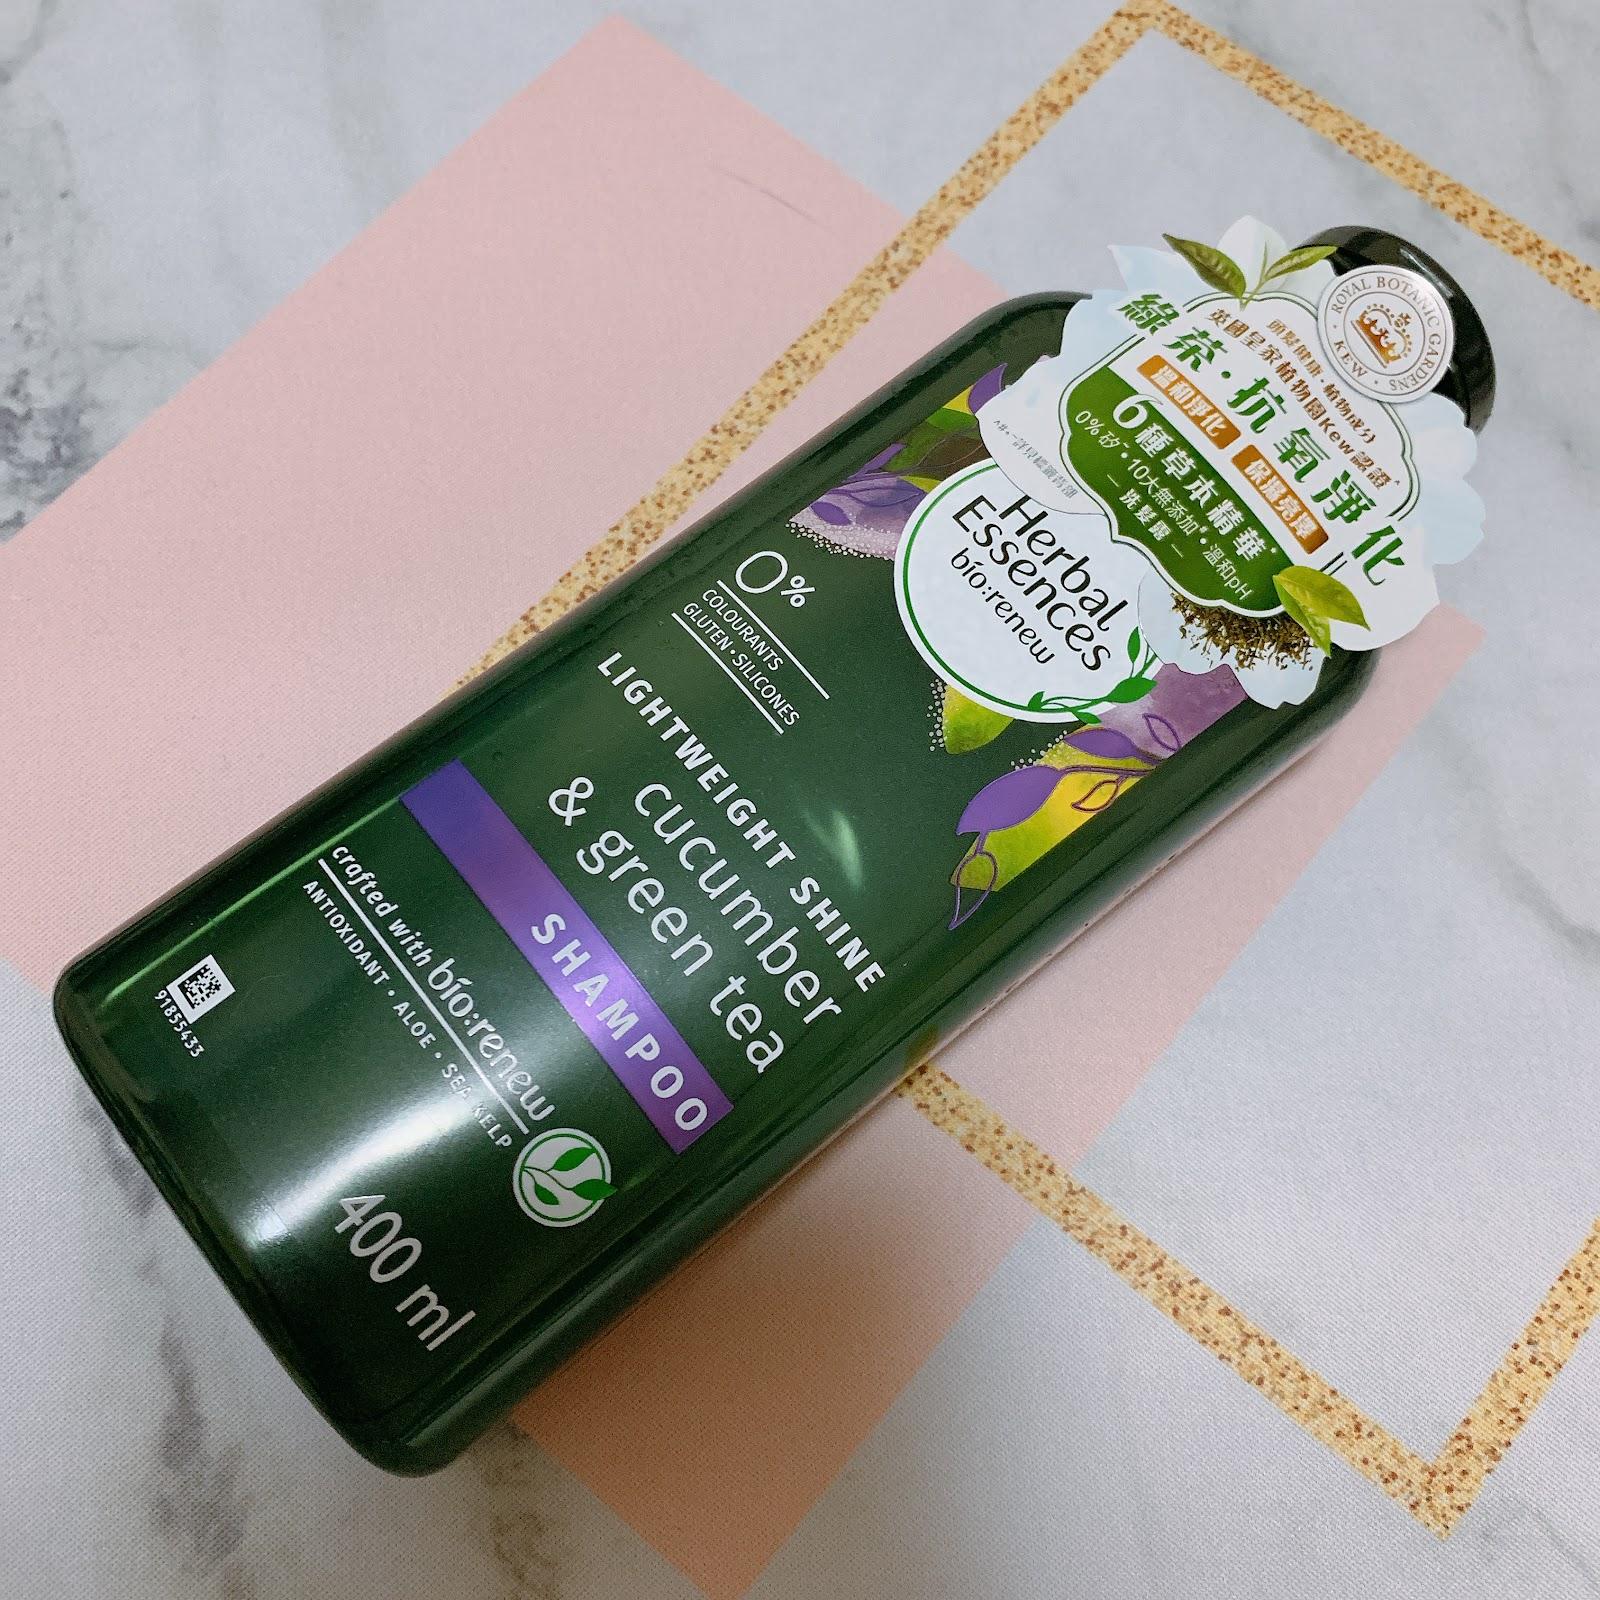 頭髮都要抗氧化 // Herbal Essences 全新 bio:renew 系列「綠茶黃瓜洗髮露」 ... ...